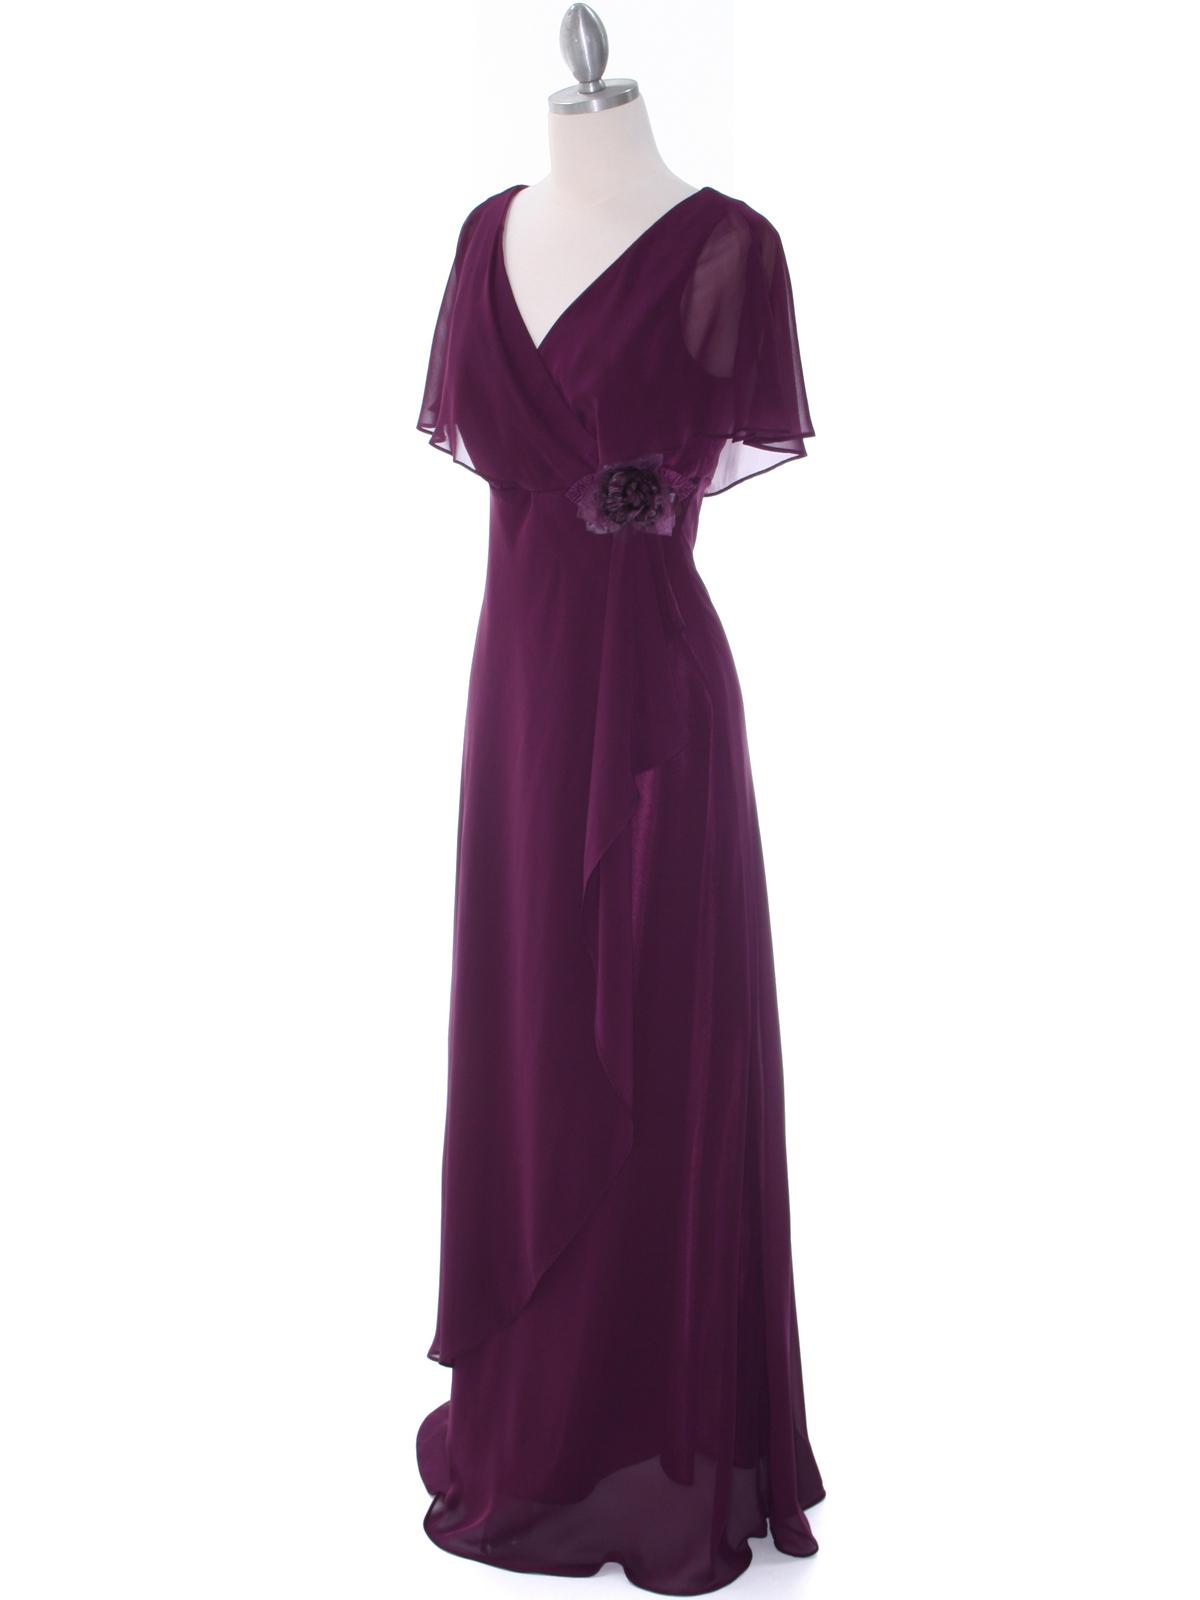 Evening Wraps Dresses - prom dresses